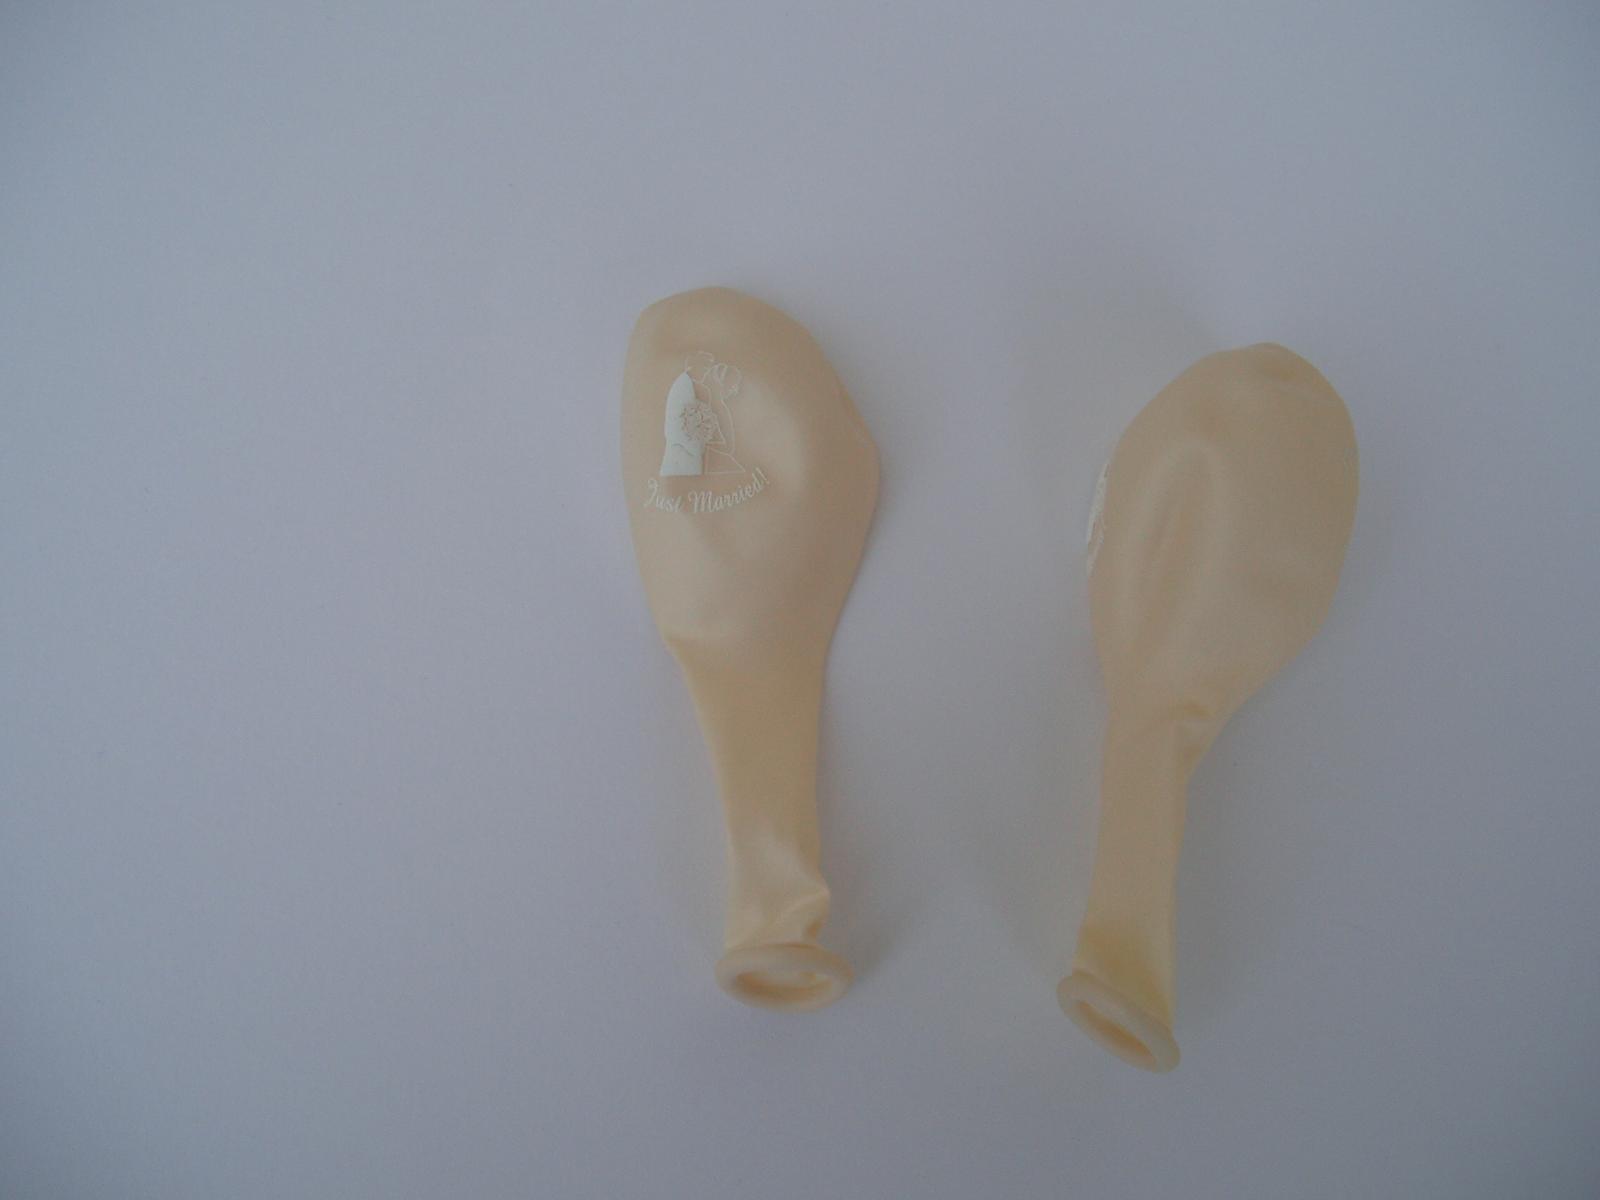 balónek - ženich a nevěsta - Obrázek č. 2